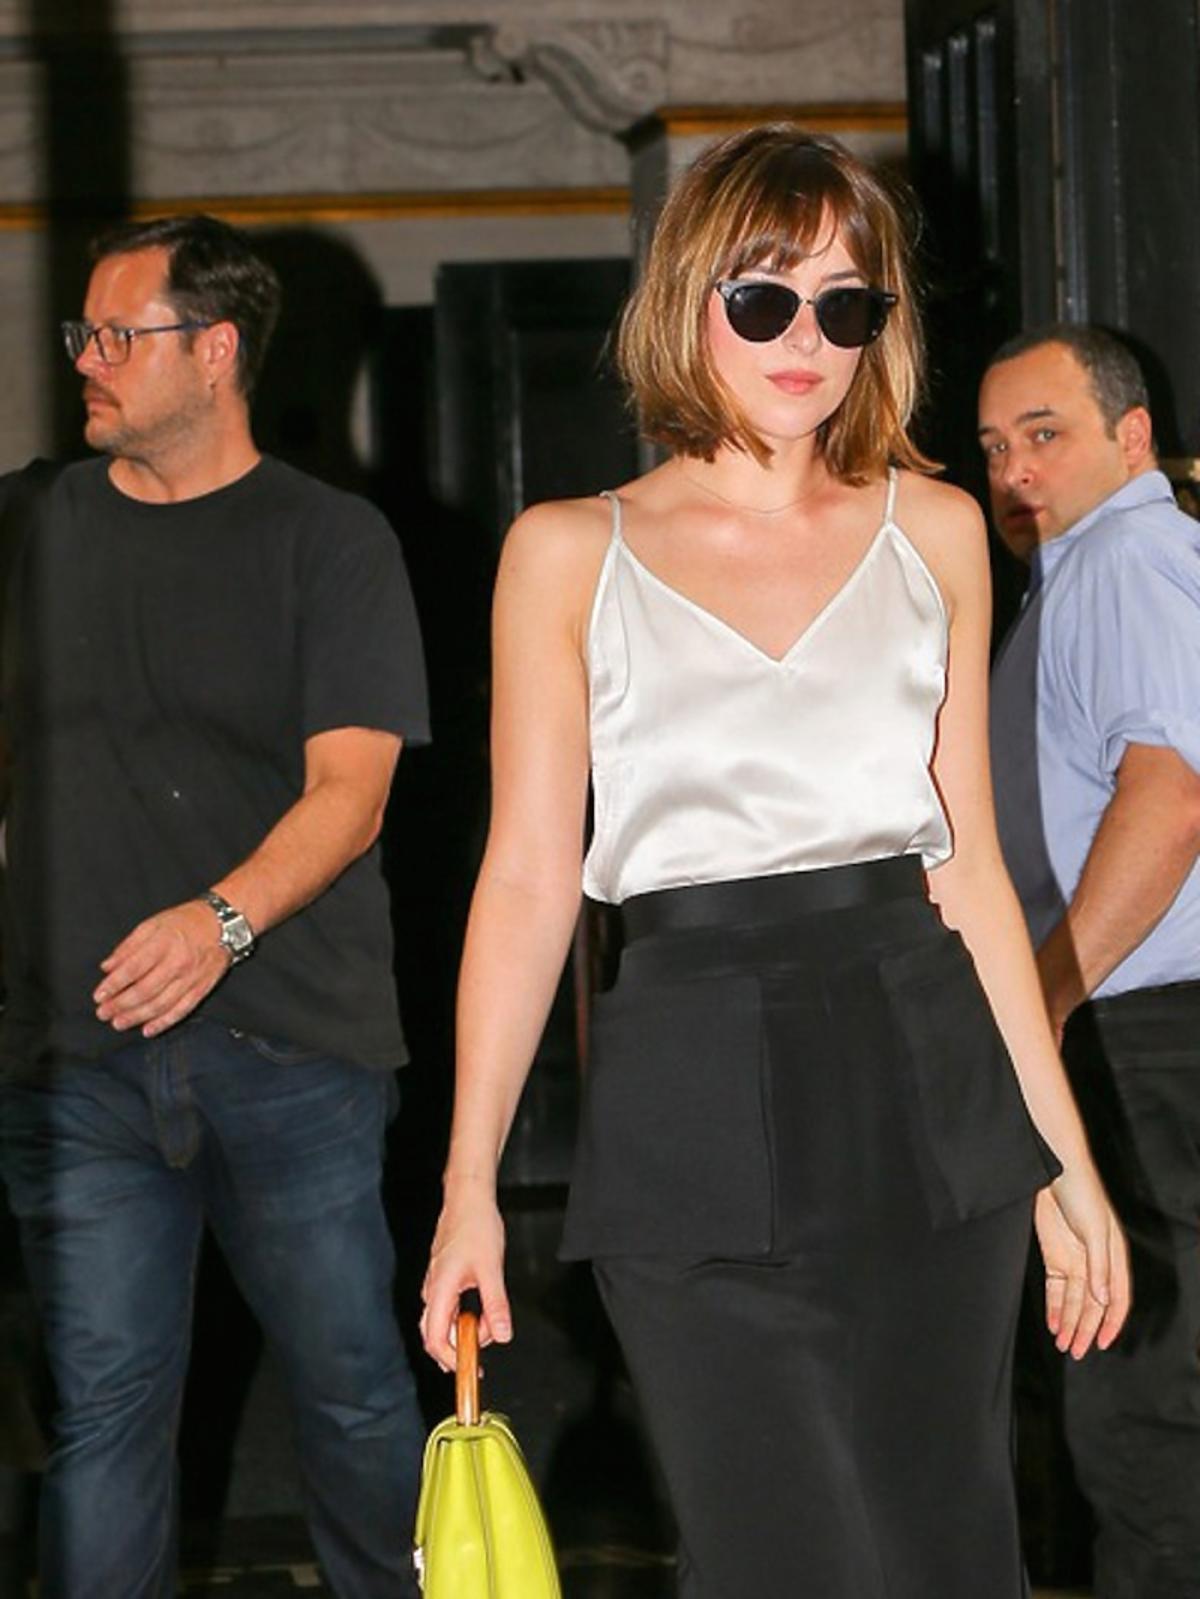 Dakota Johnson w białym topie i czarnych okularach i czarnej spódnicy, czarnych butach i seledynowej torebce